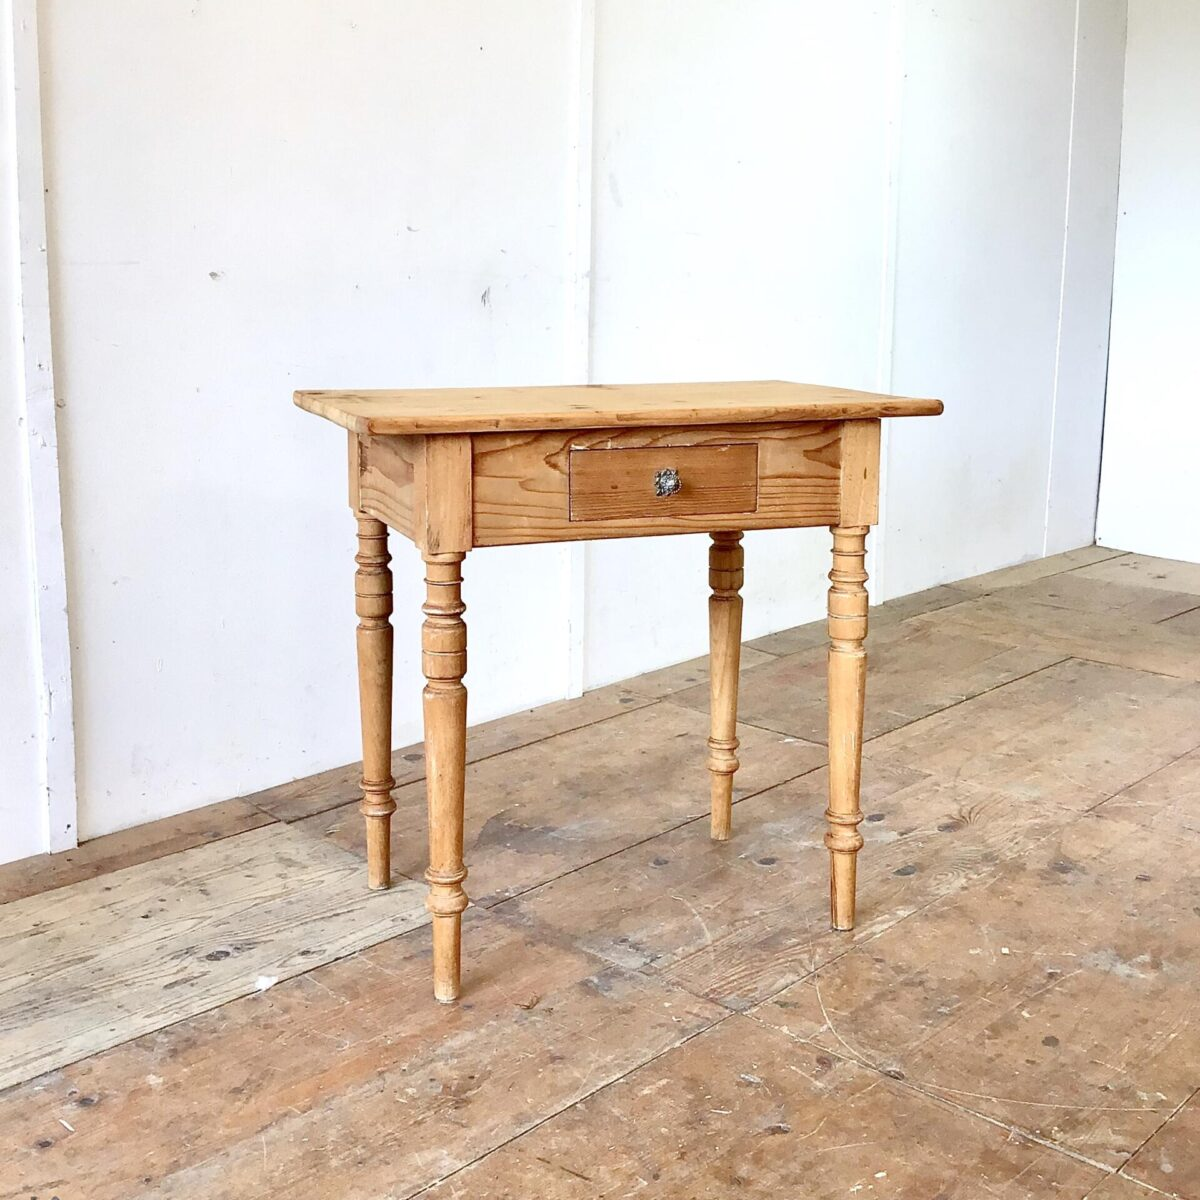 Deuxieme.shop Kleiner Antiker Schreibtisch mit Schublade aus Tannenholz. 82x50.5cm Höhe 77.5cm. Die wackligen Tischbein Verbindungen sind frisch verleimt, das Tischblatt hat ein paar Risse ist aber in stabilem Zustand. Holzoberflächen mit Naturöl behandelt.